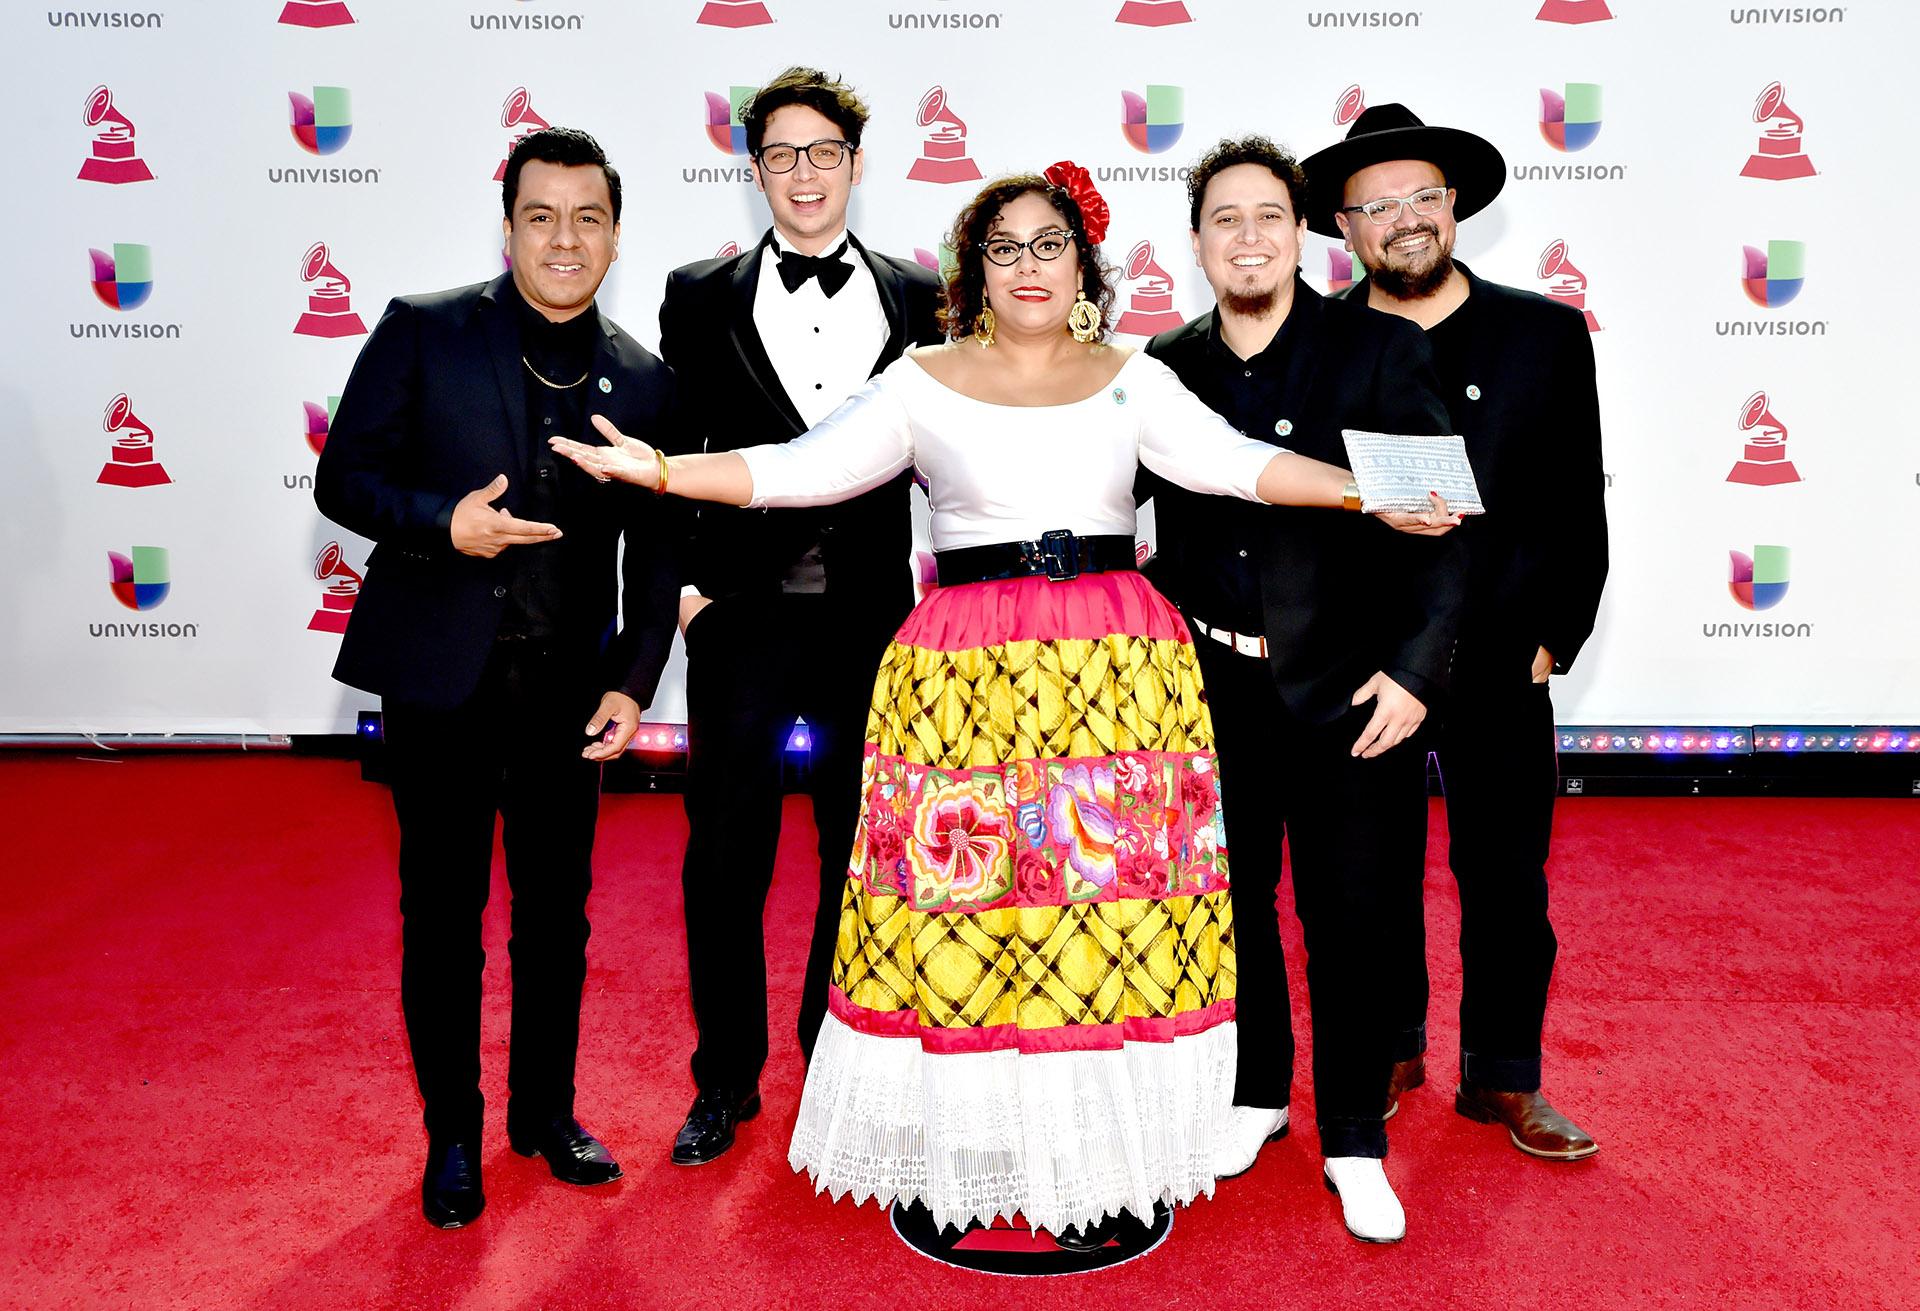 Todos los integrantes del grupo musical La Santa Cecilia